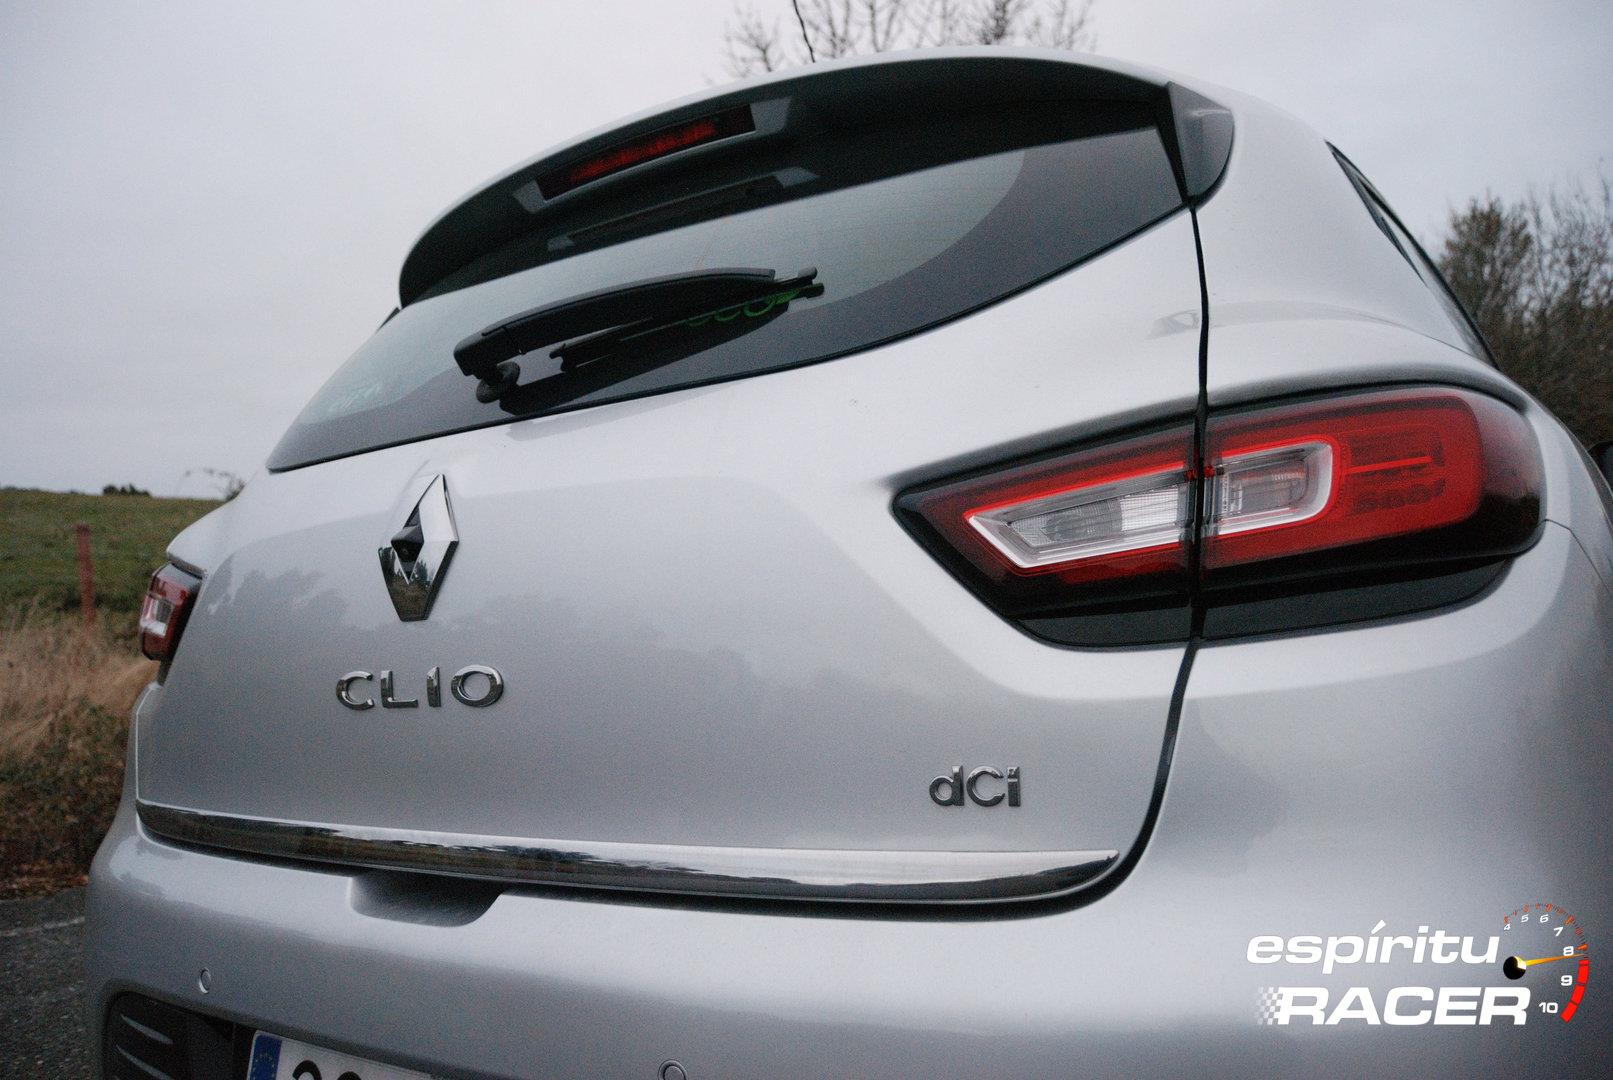 Renault Clio DCi EDC 17